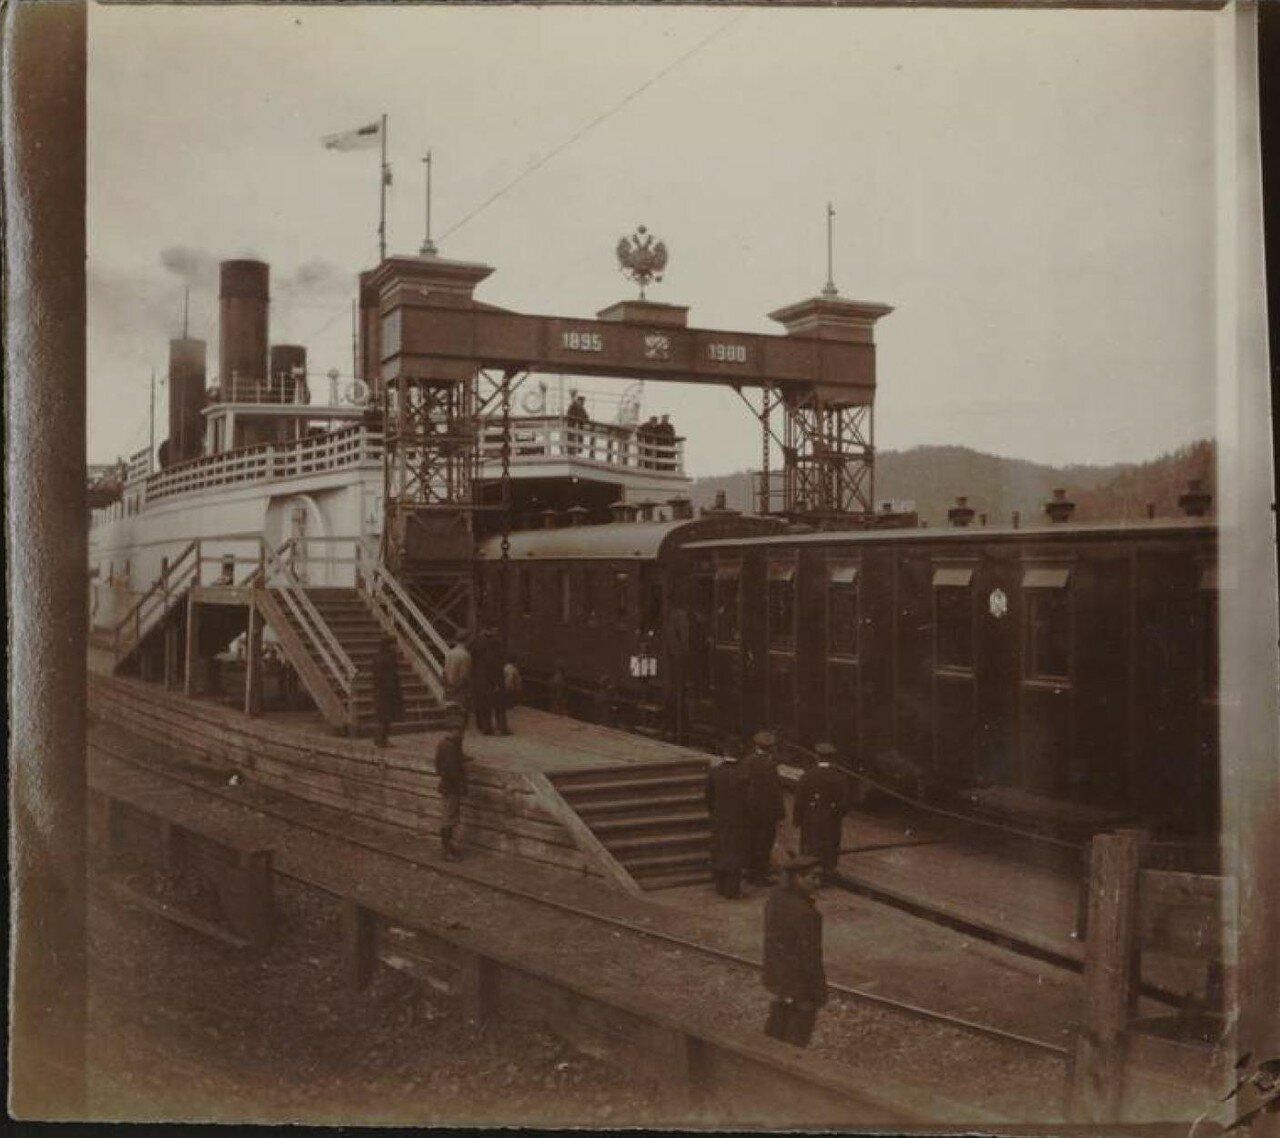 Посадка на паром в порту Байкал на западном берегу озера